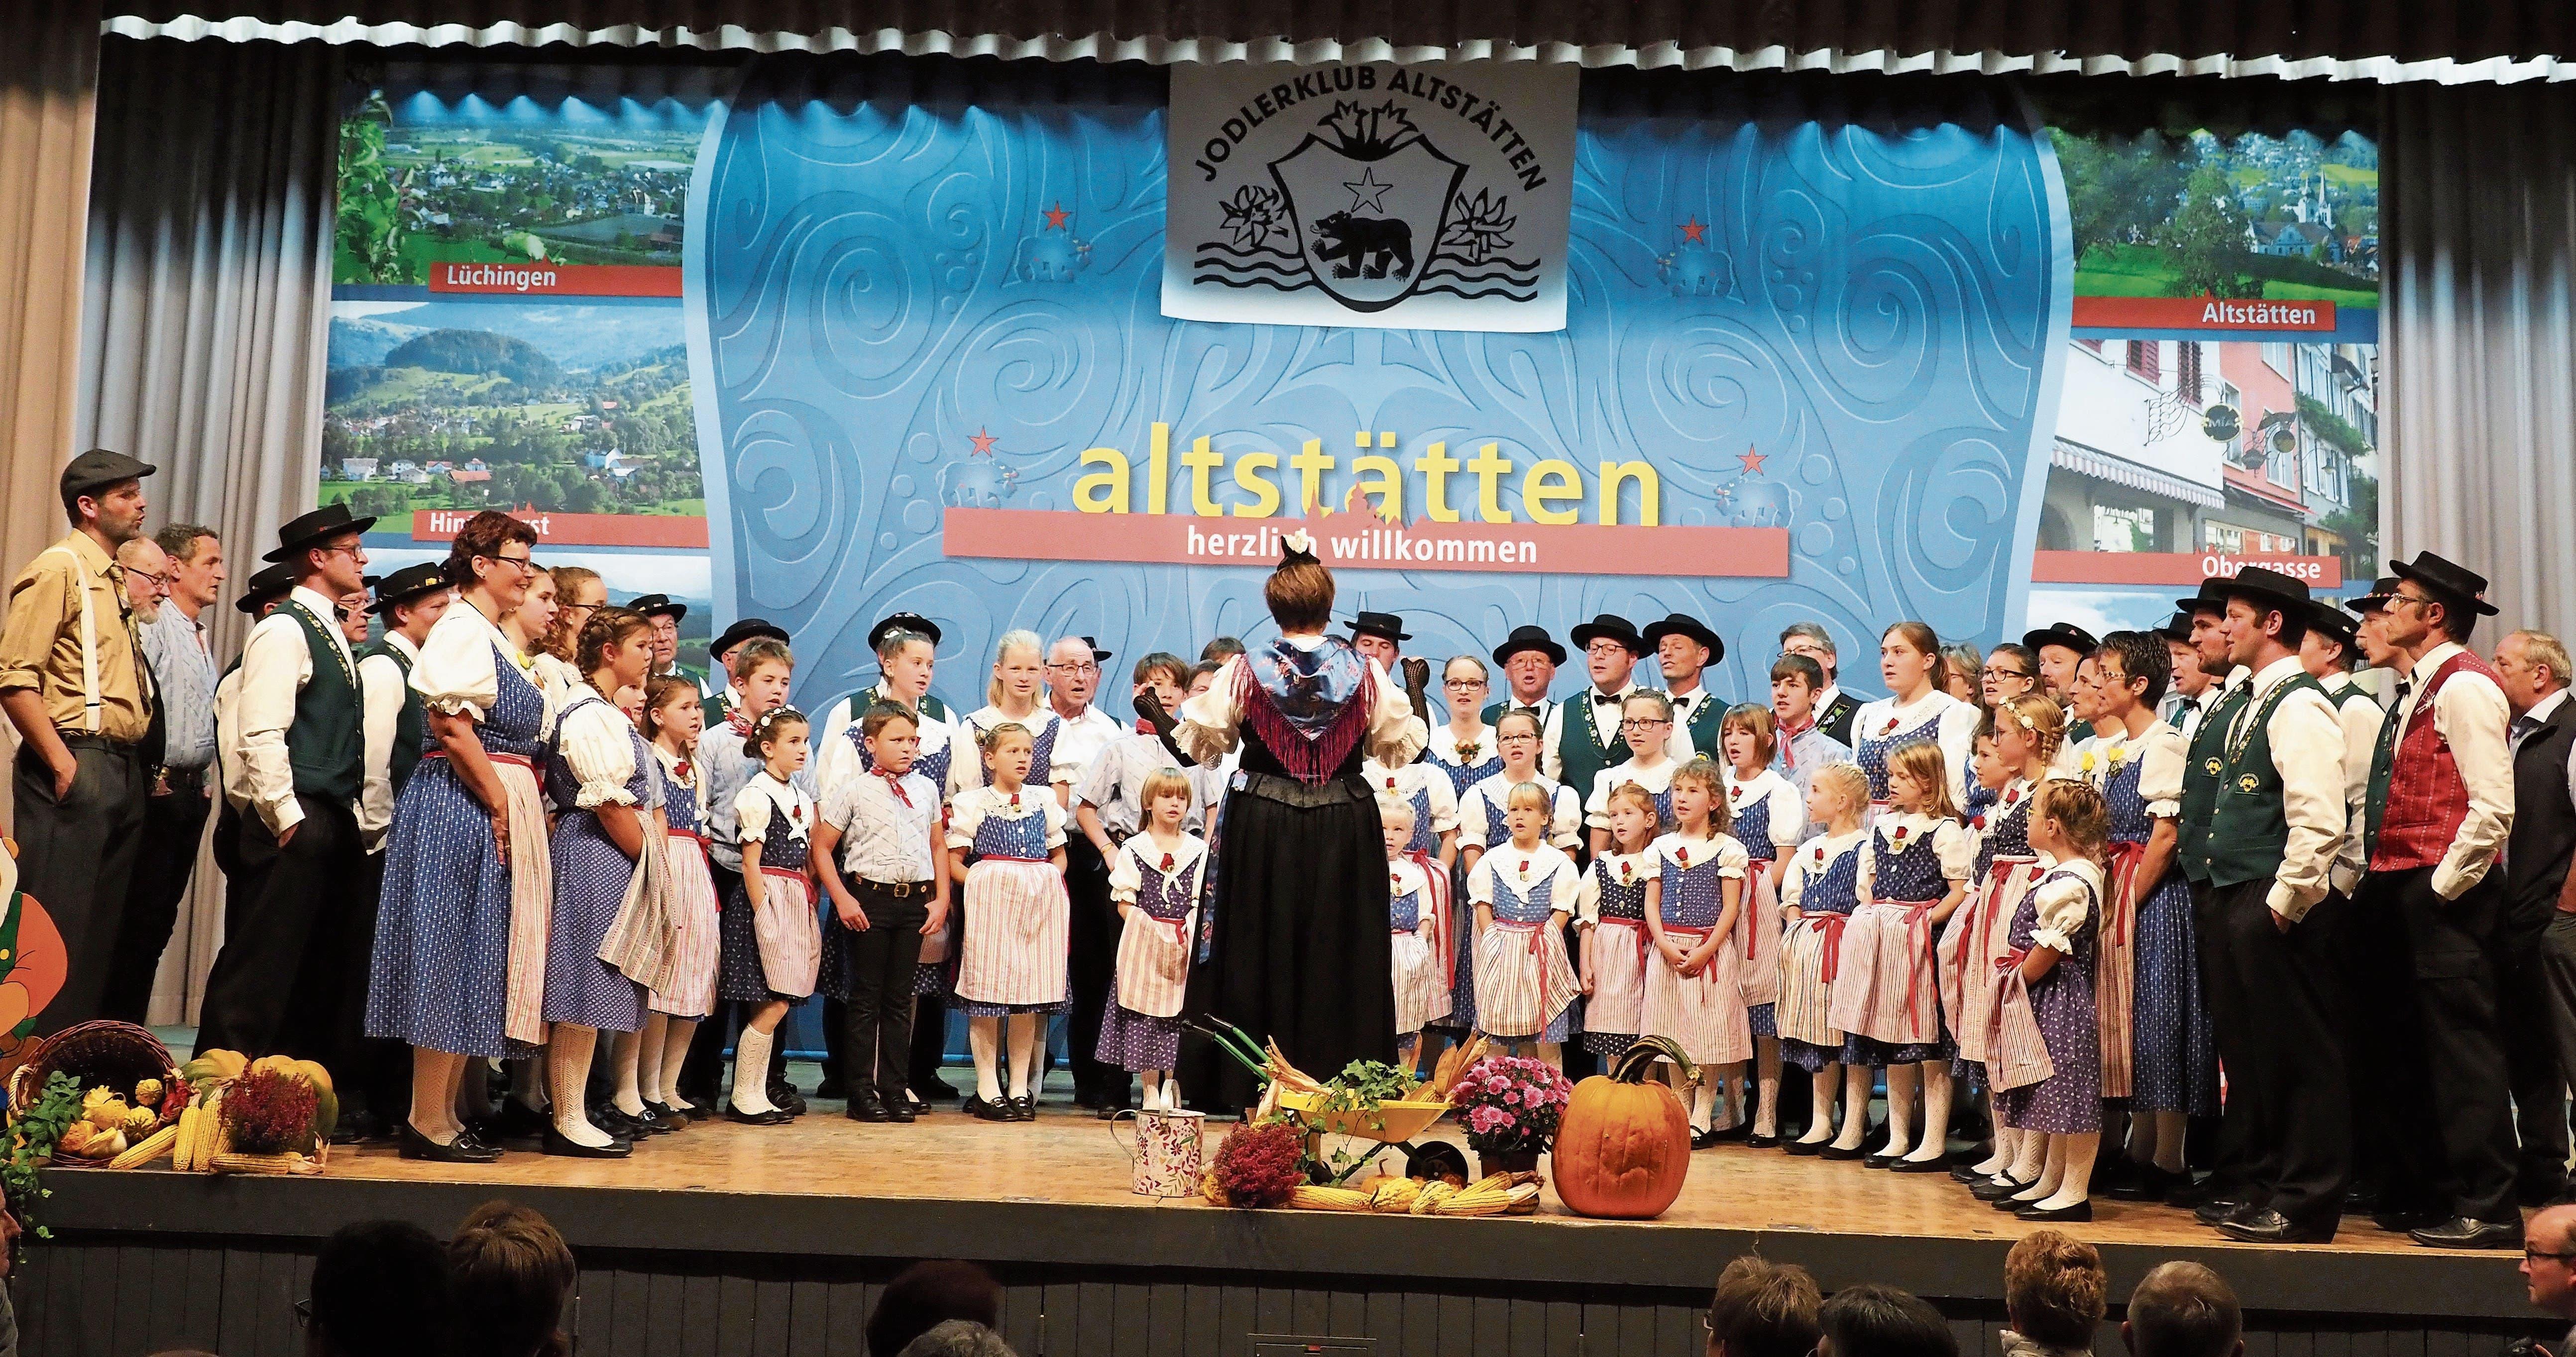 Der Gesamtchor – Jodlerklub, Kinderjodelchörli und Gastsänger – unter der Leitung von Hedy Fitze. (Bild: Bilder: Thomas Widmer)